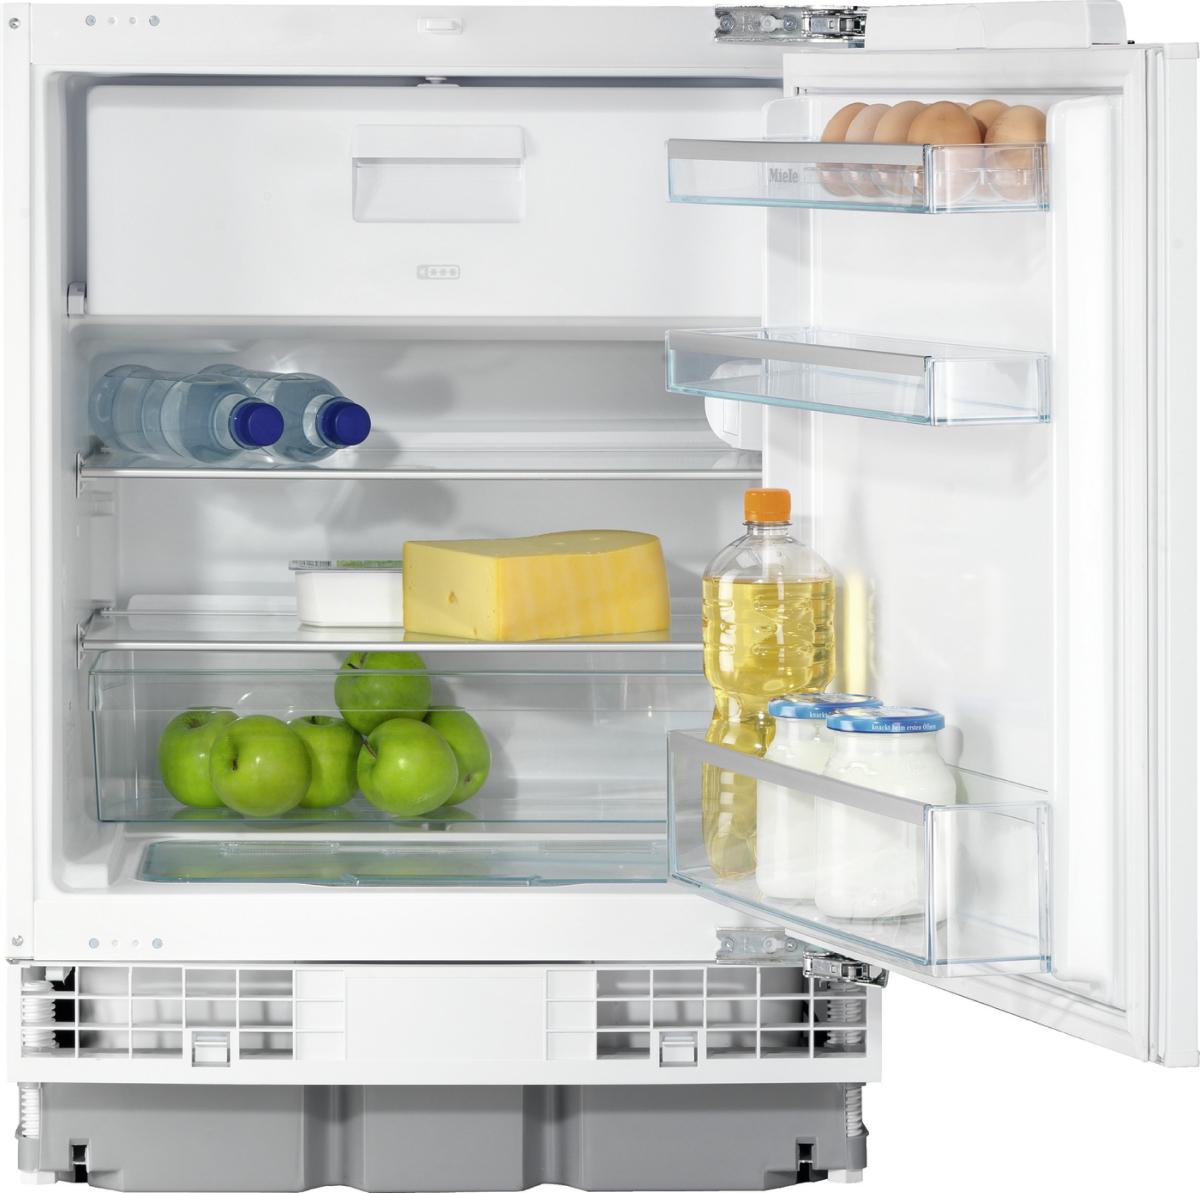 Miele k 5124 uif r frig rateur encastrable - Refrigerateur avec tiroirs congelation ...